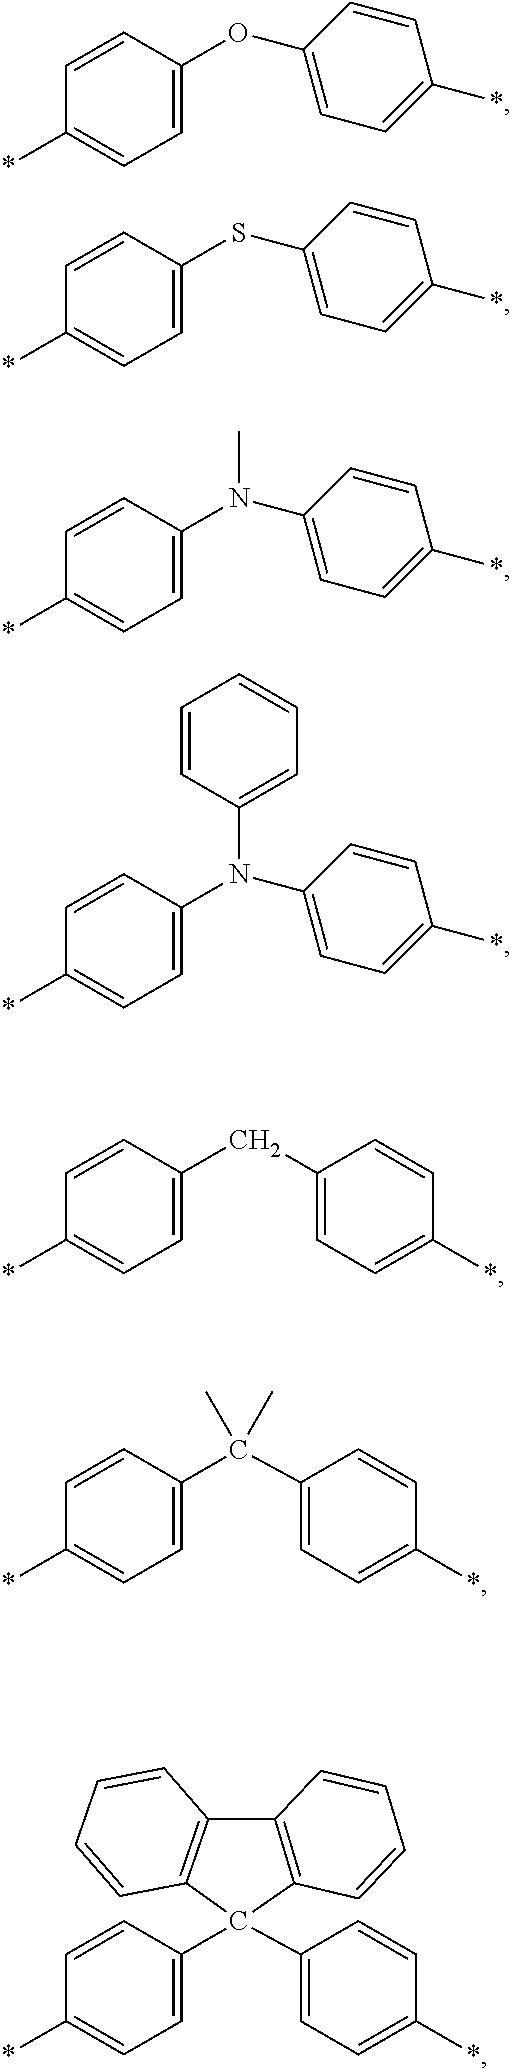 Figure US09931409-20180403-C00014